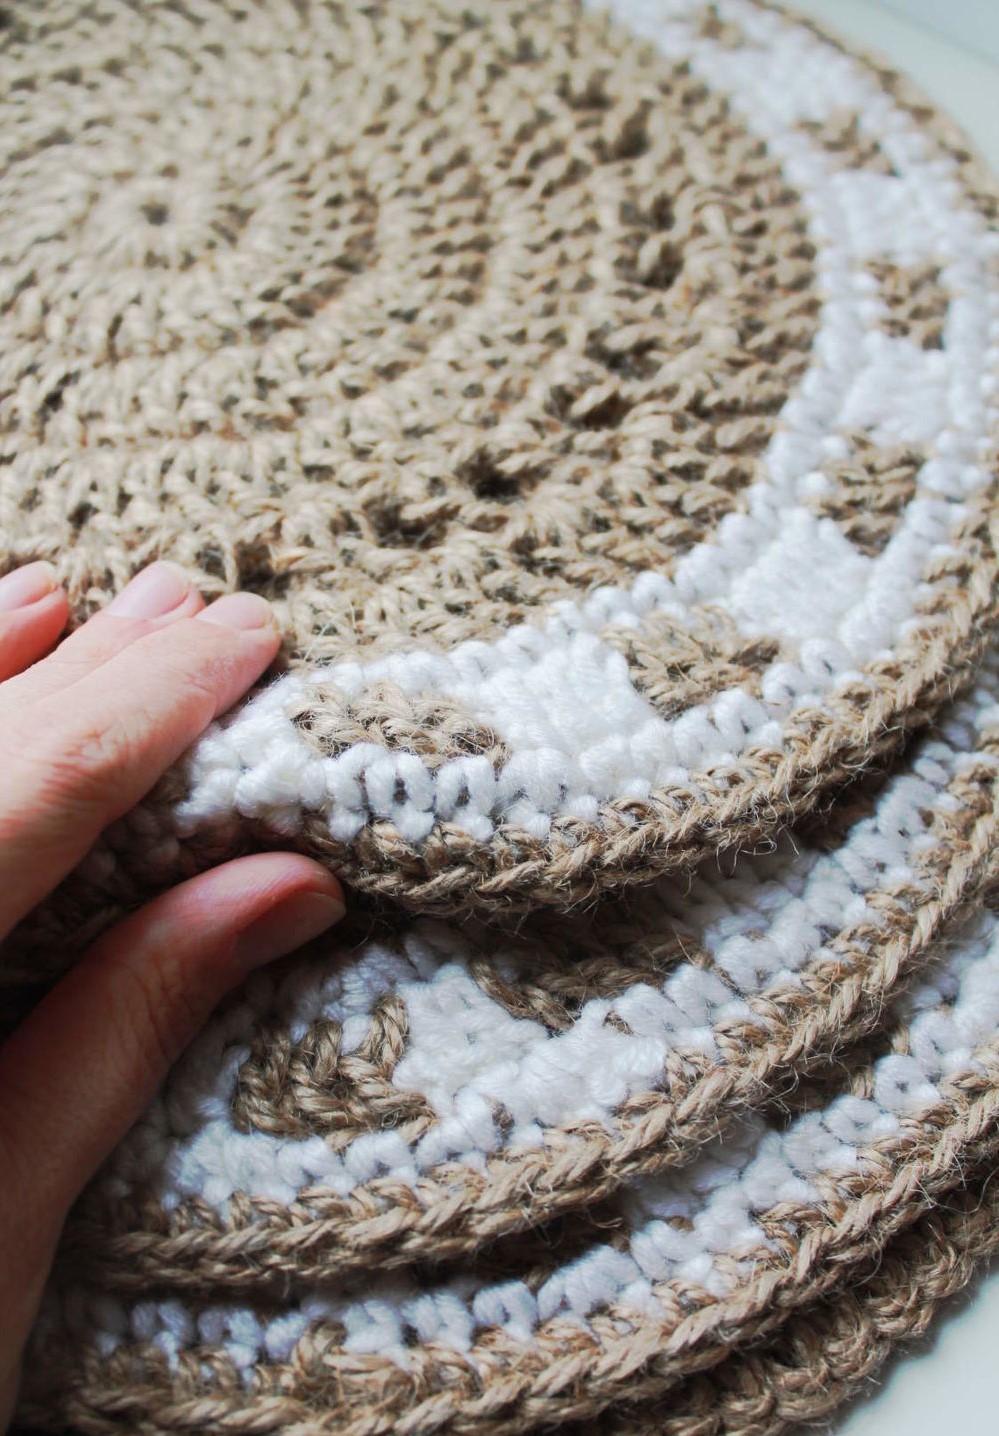 Один вечер и готово! Что связать из джута? джута, будет, очень, можно, материал, вязать, этого, вязания, связать, служить, такое, может, Сейчас, волокно, несколько, пряжа, интерьера, материала, волокна, такие